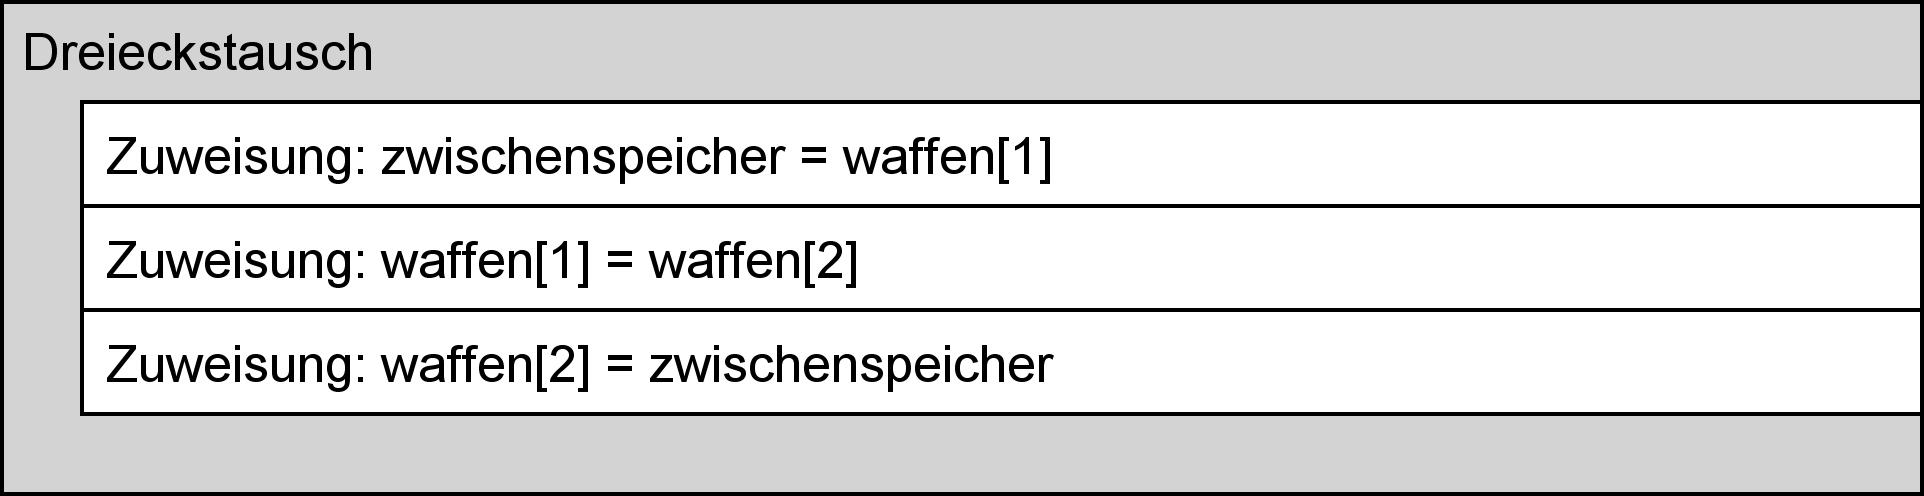 Struktogramm zum Dreieckstausch (MInimalversion)